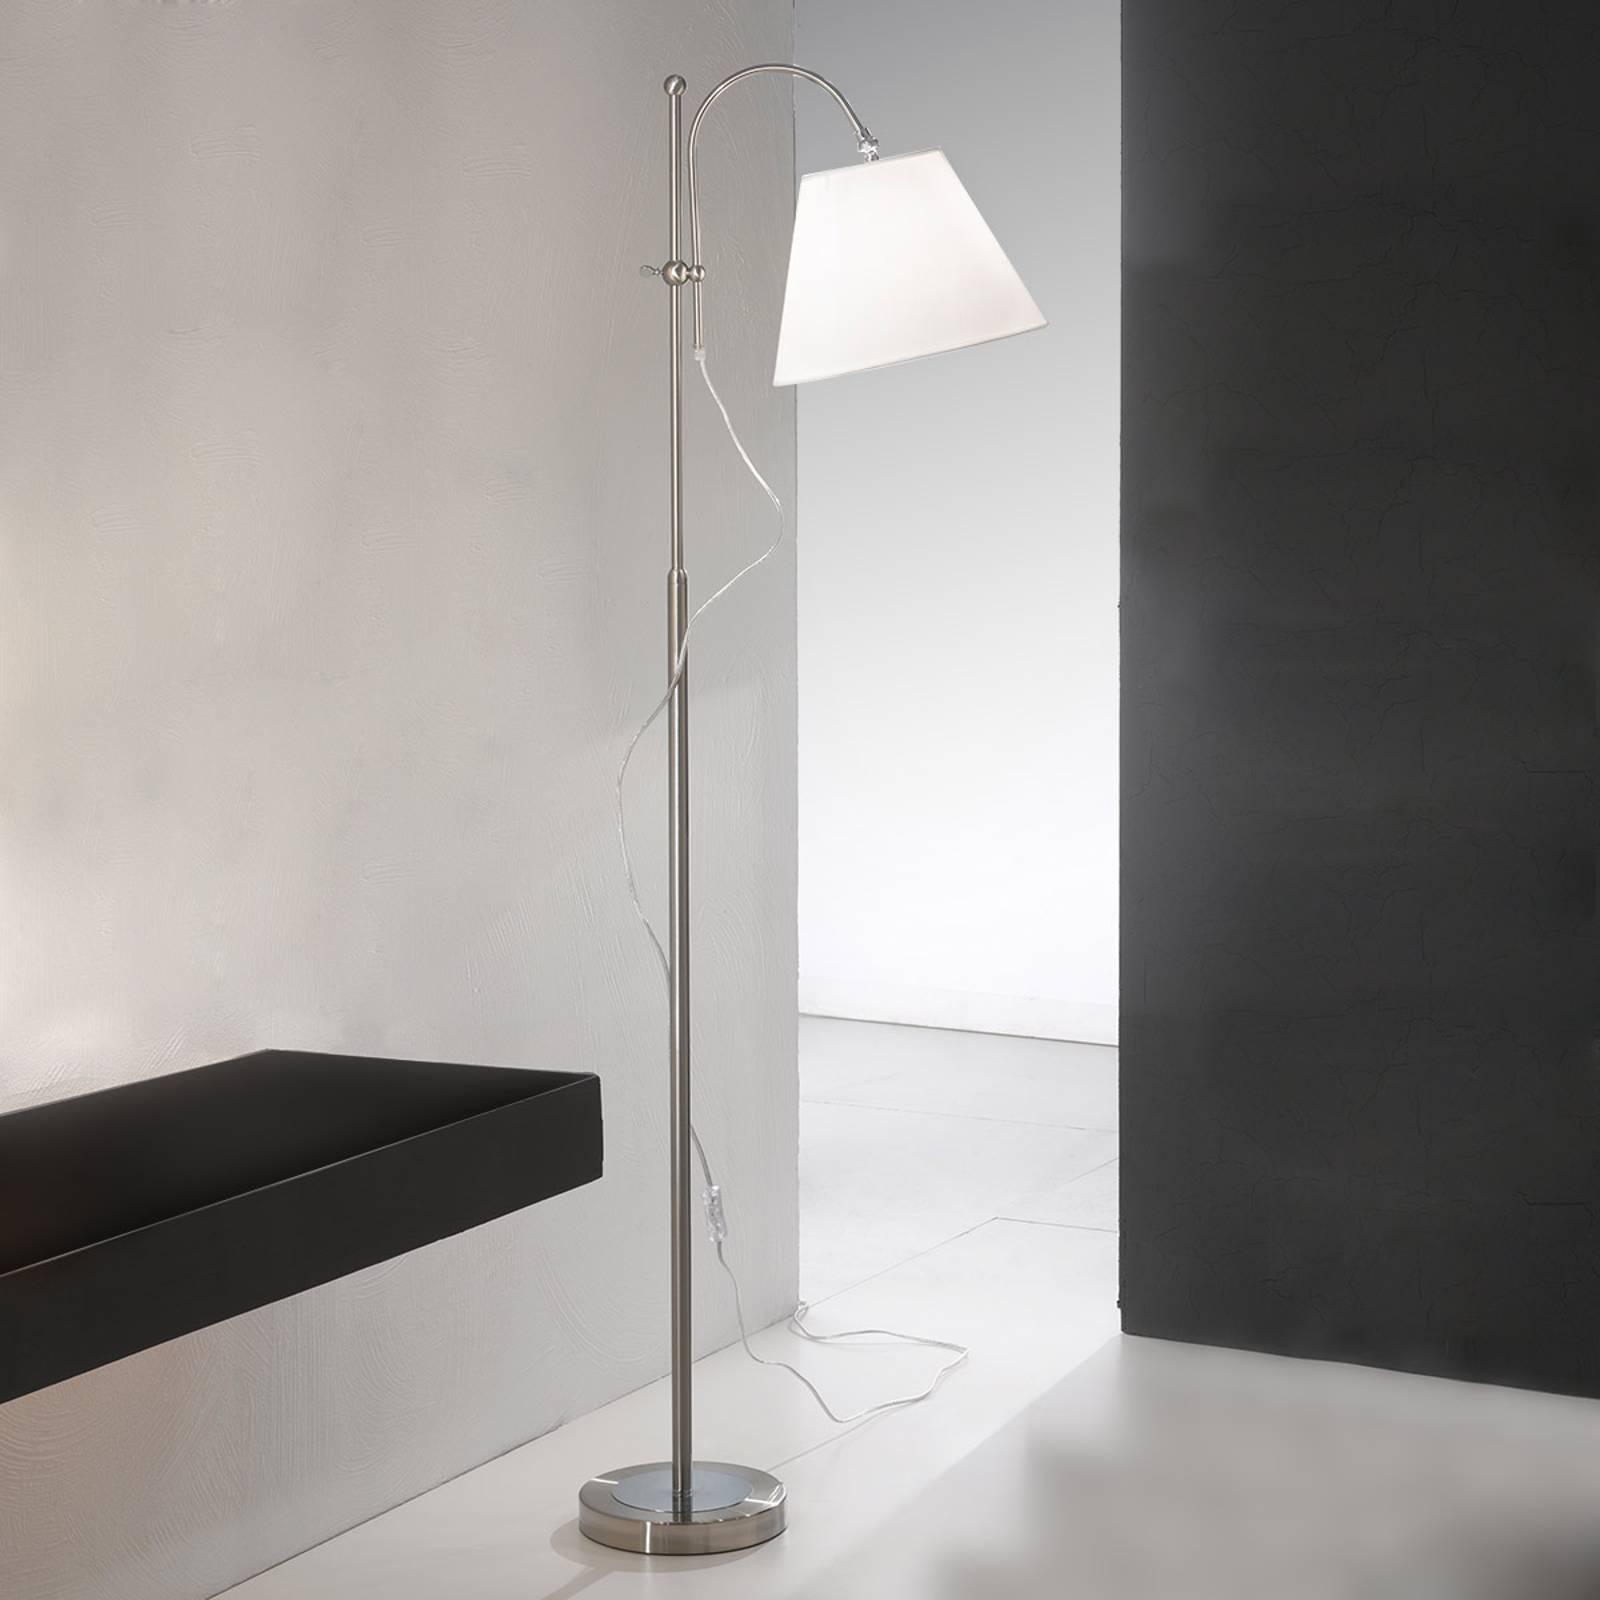 stehlampen von orion und andere lampen f r wohnzimmer online kaufen bei m bel garten. Black Bedroom Furniture Sets. Home Design Ideas